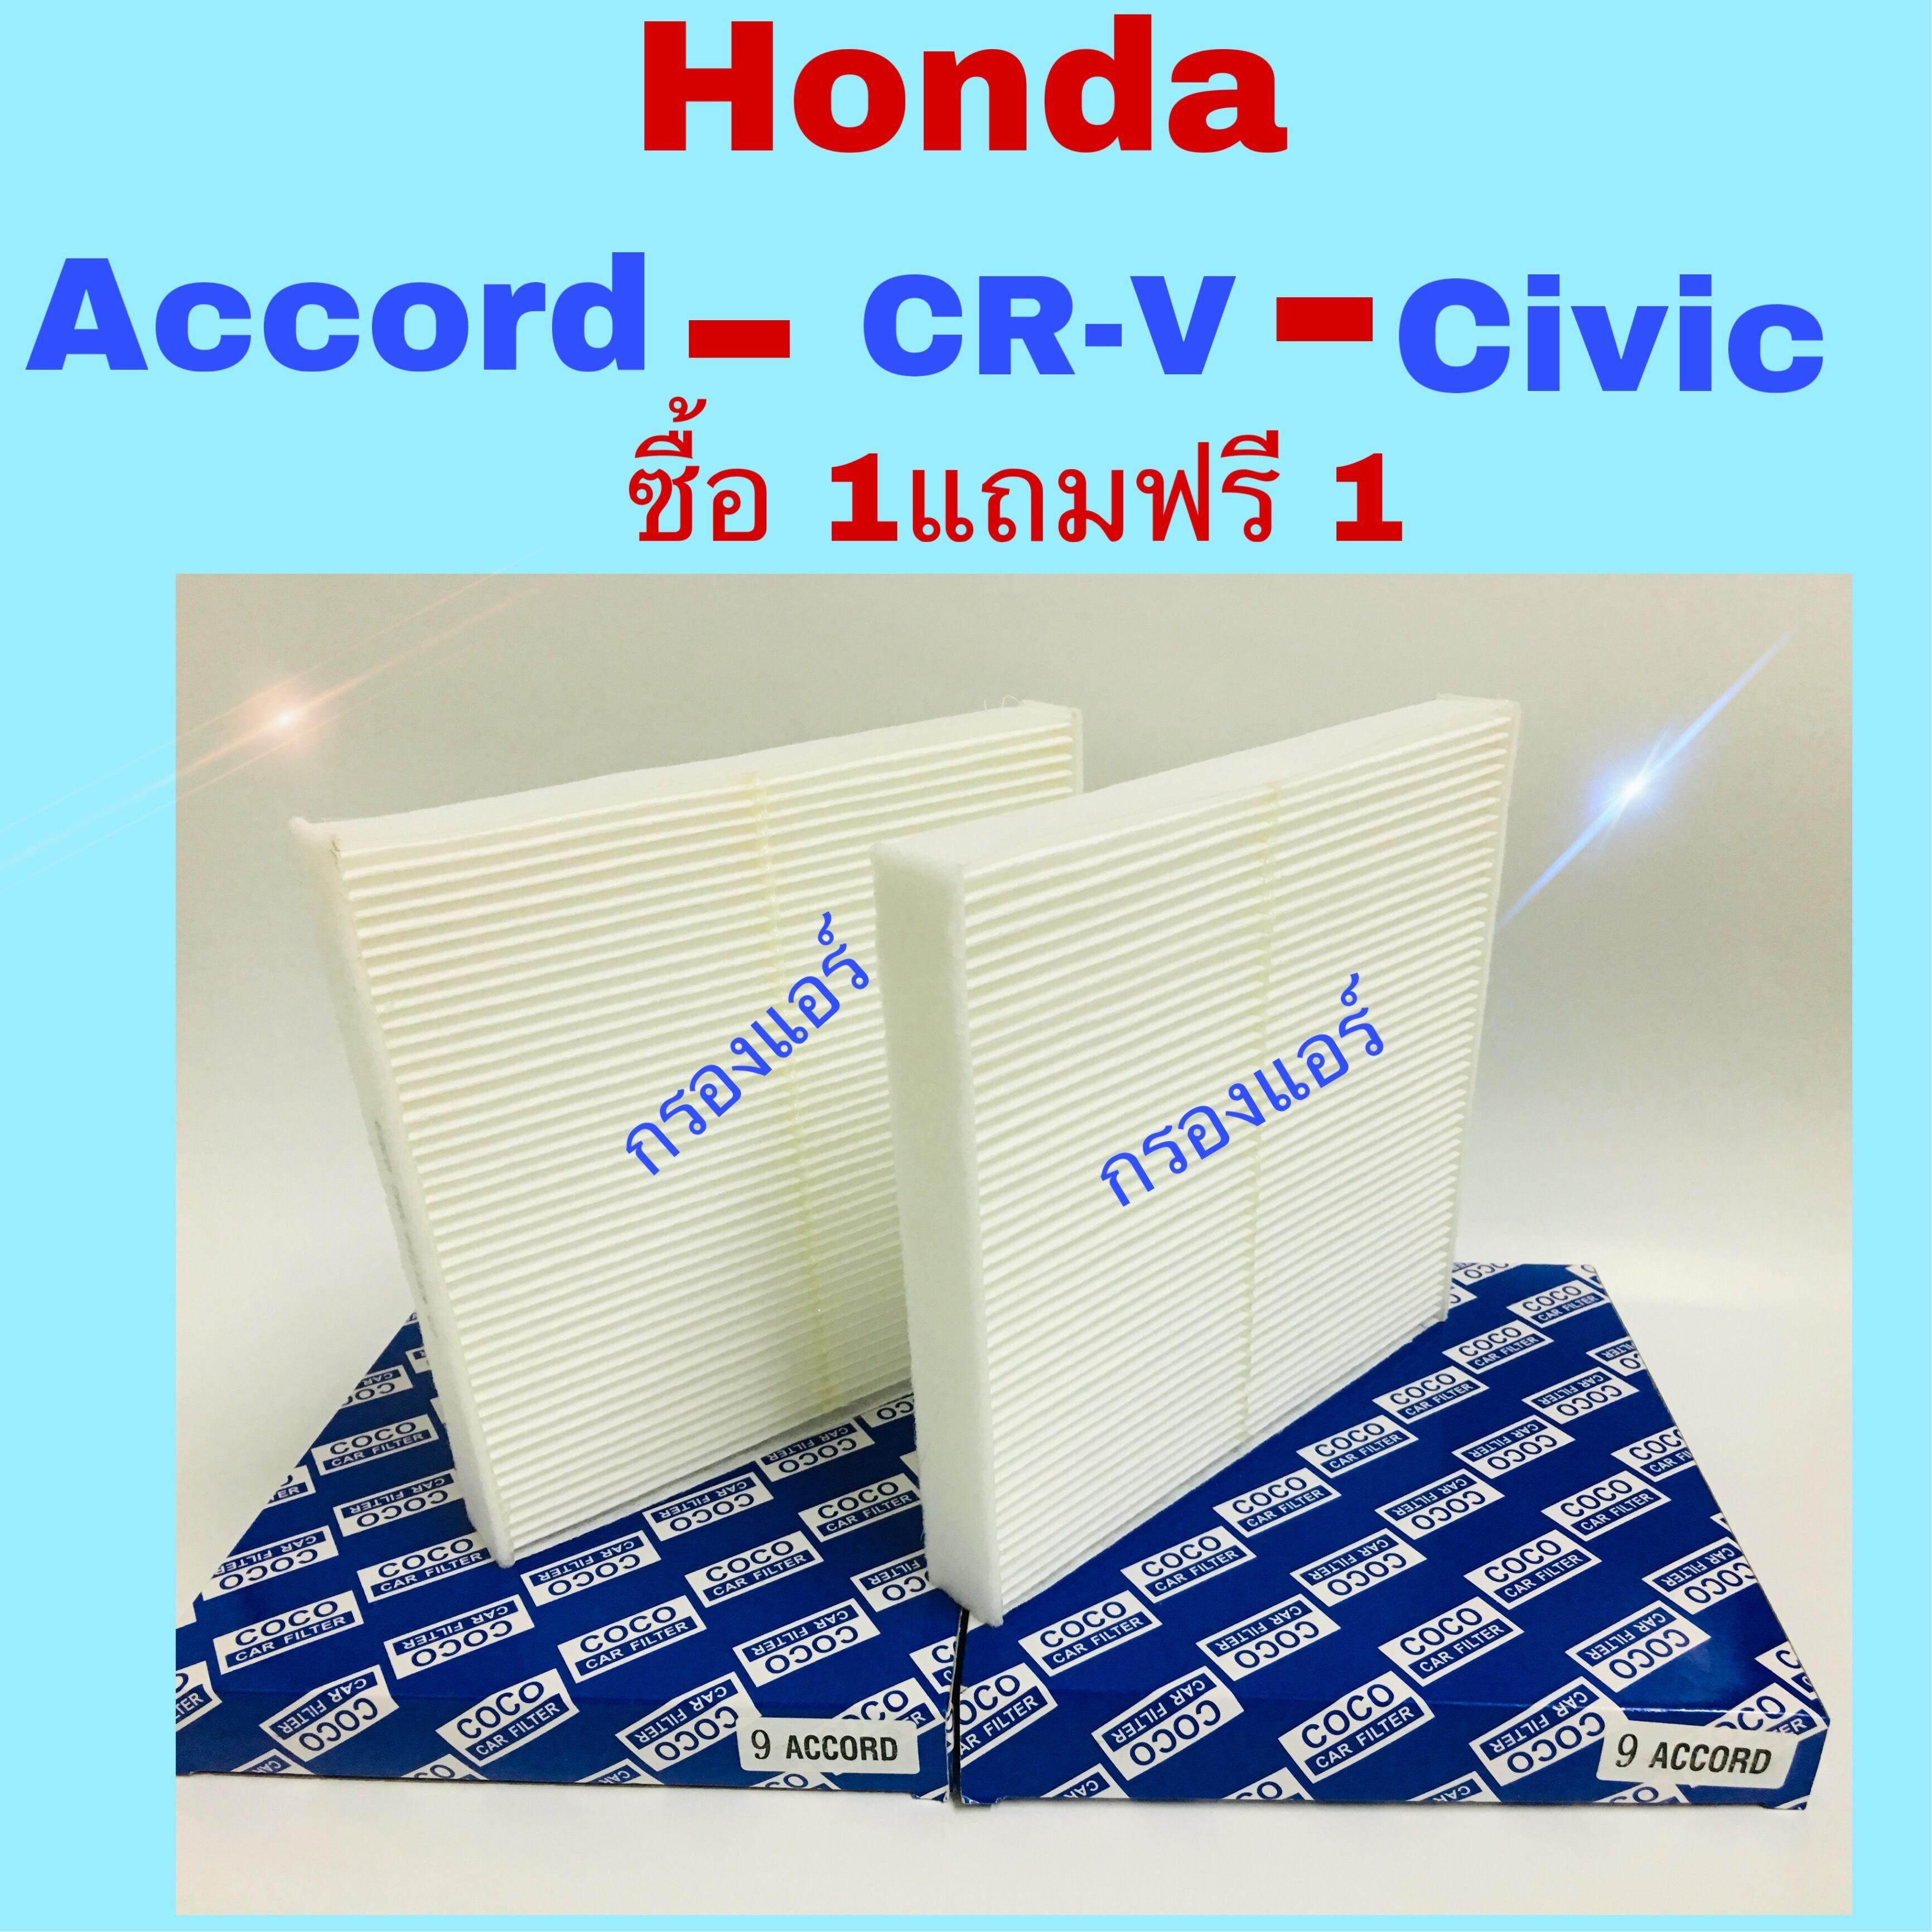 กรองแอร์ Honda Accord 2003-2018 Civic Cr-V 2003-2014 ซื้อ 1 แถมฟรี 1.